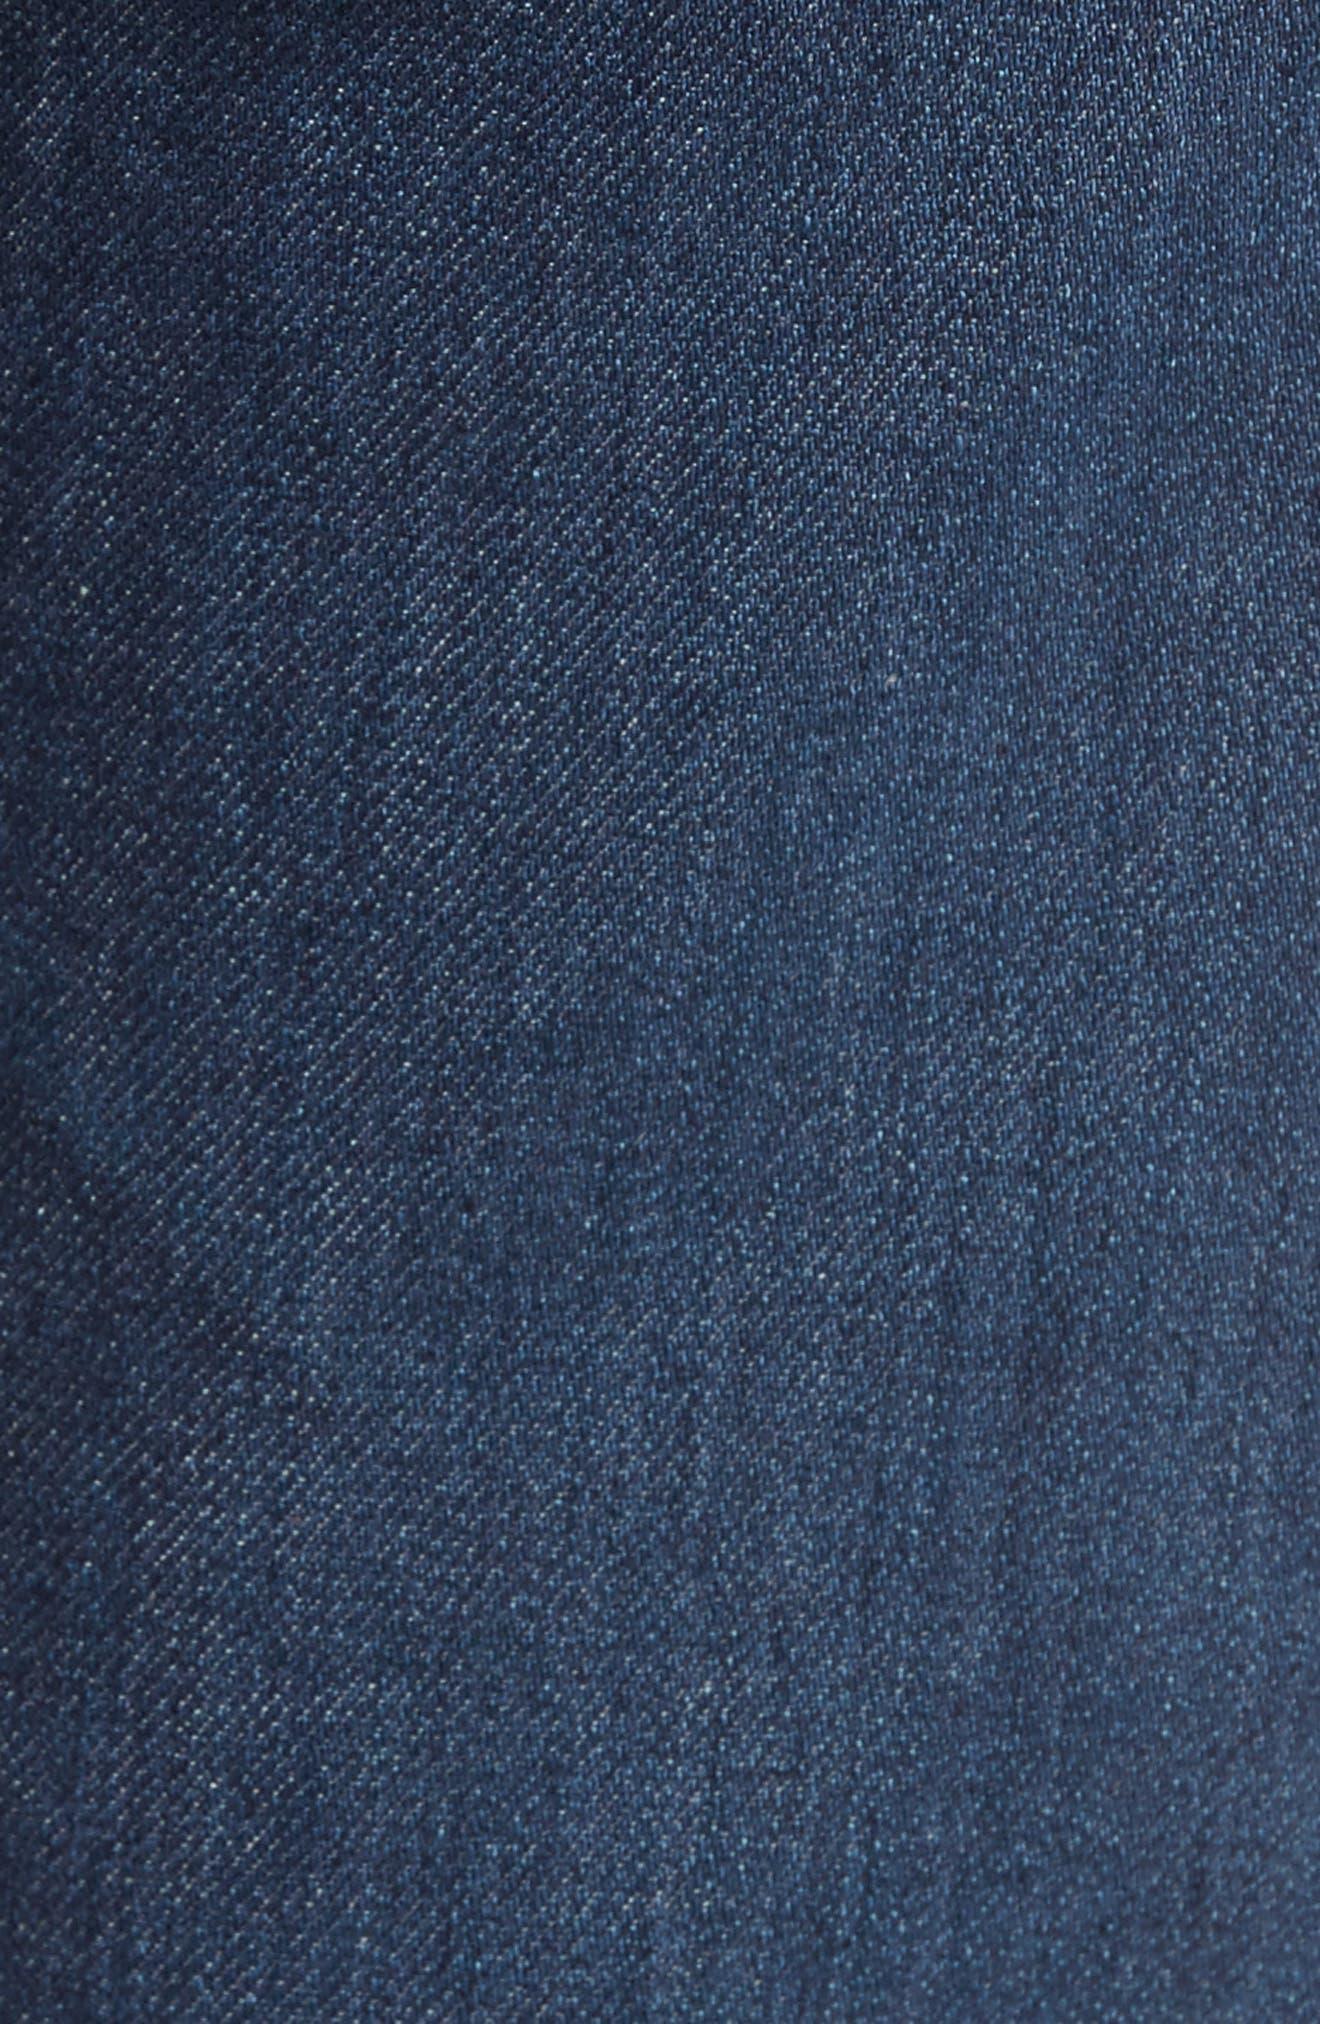 Tellis Slim Leg Jeans,                             Alternate thumbnail 5, color,                             Vibe